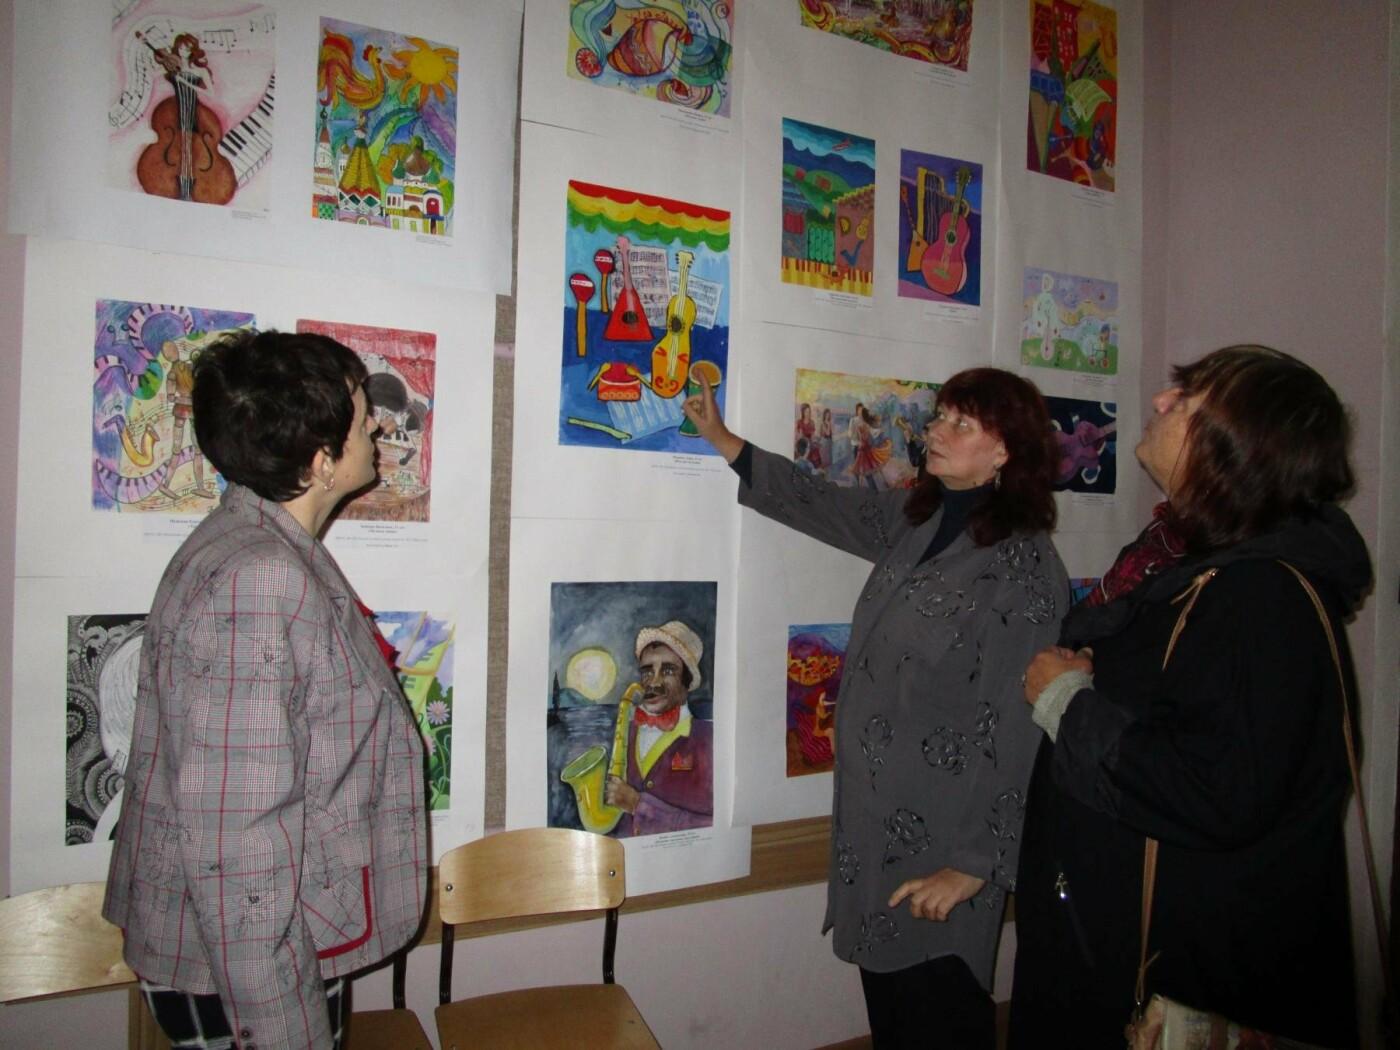 В Ялте открыта выставка юных талантов из России, Украины, Израиля и США, фото-2